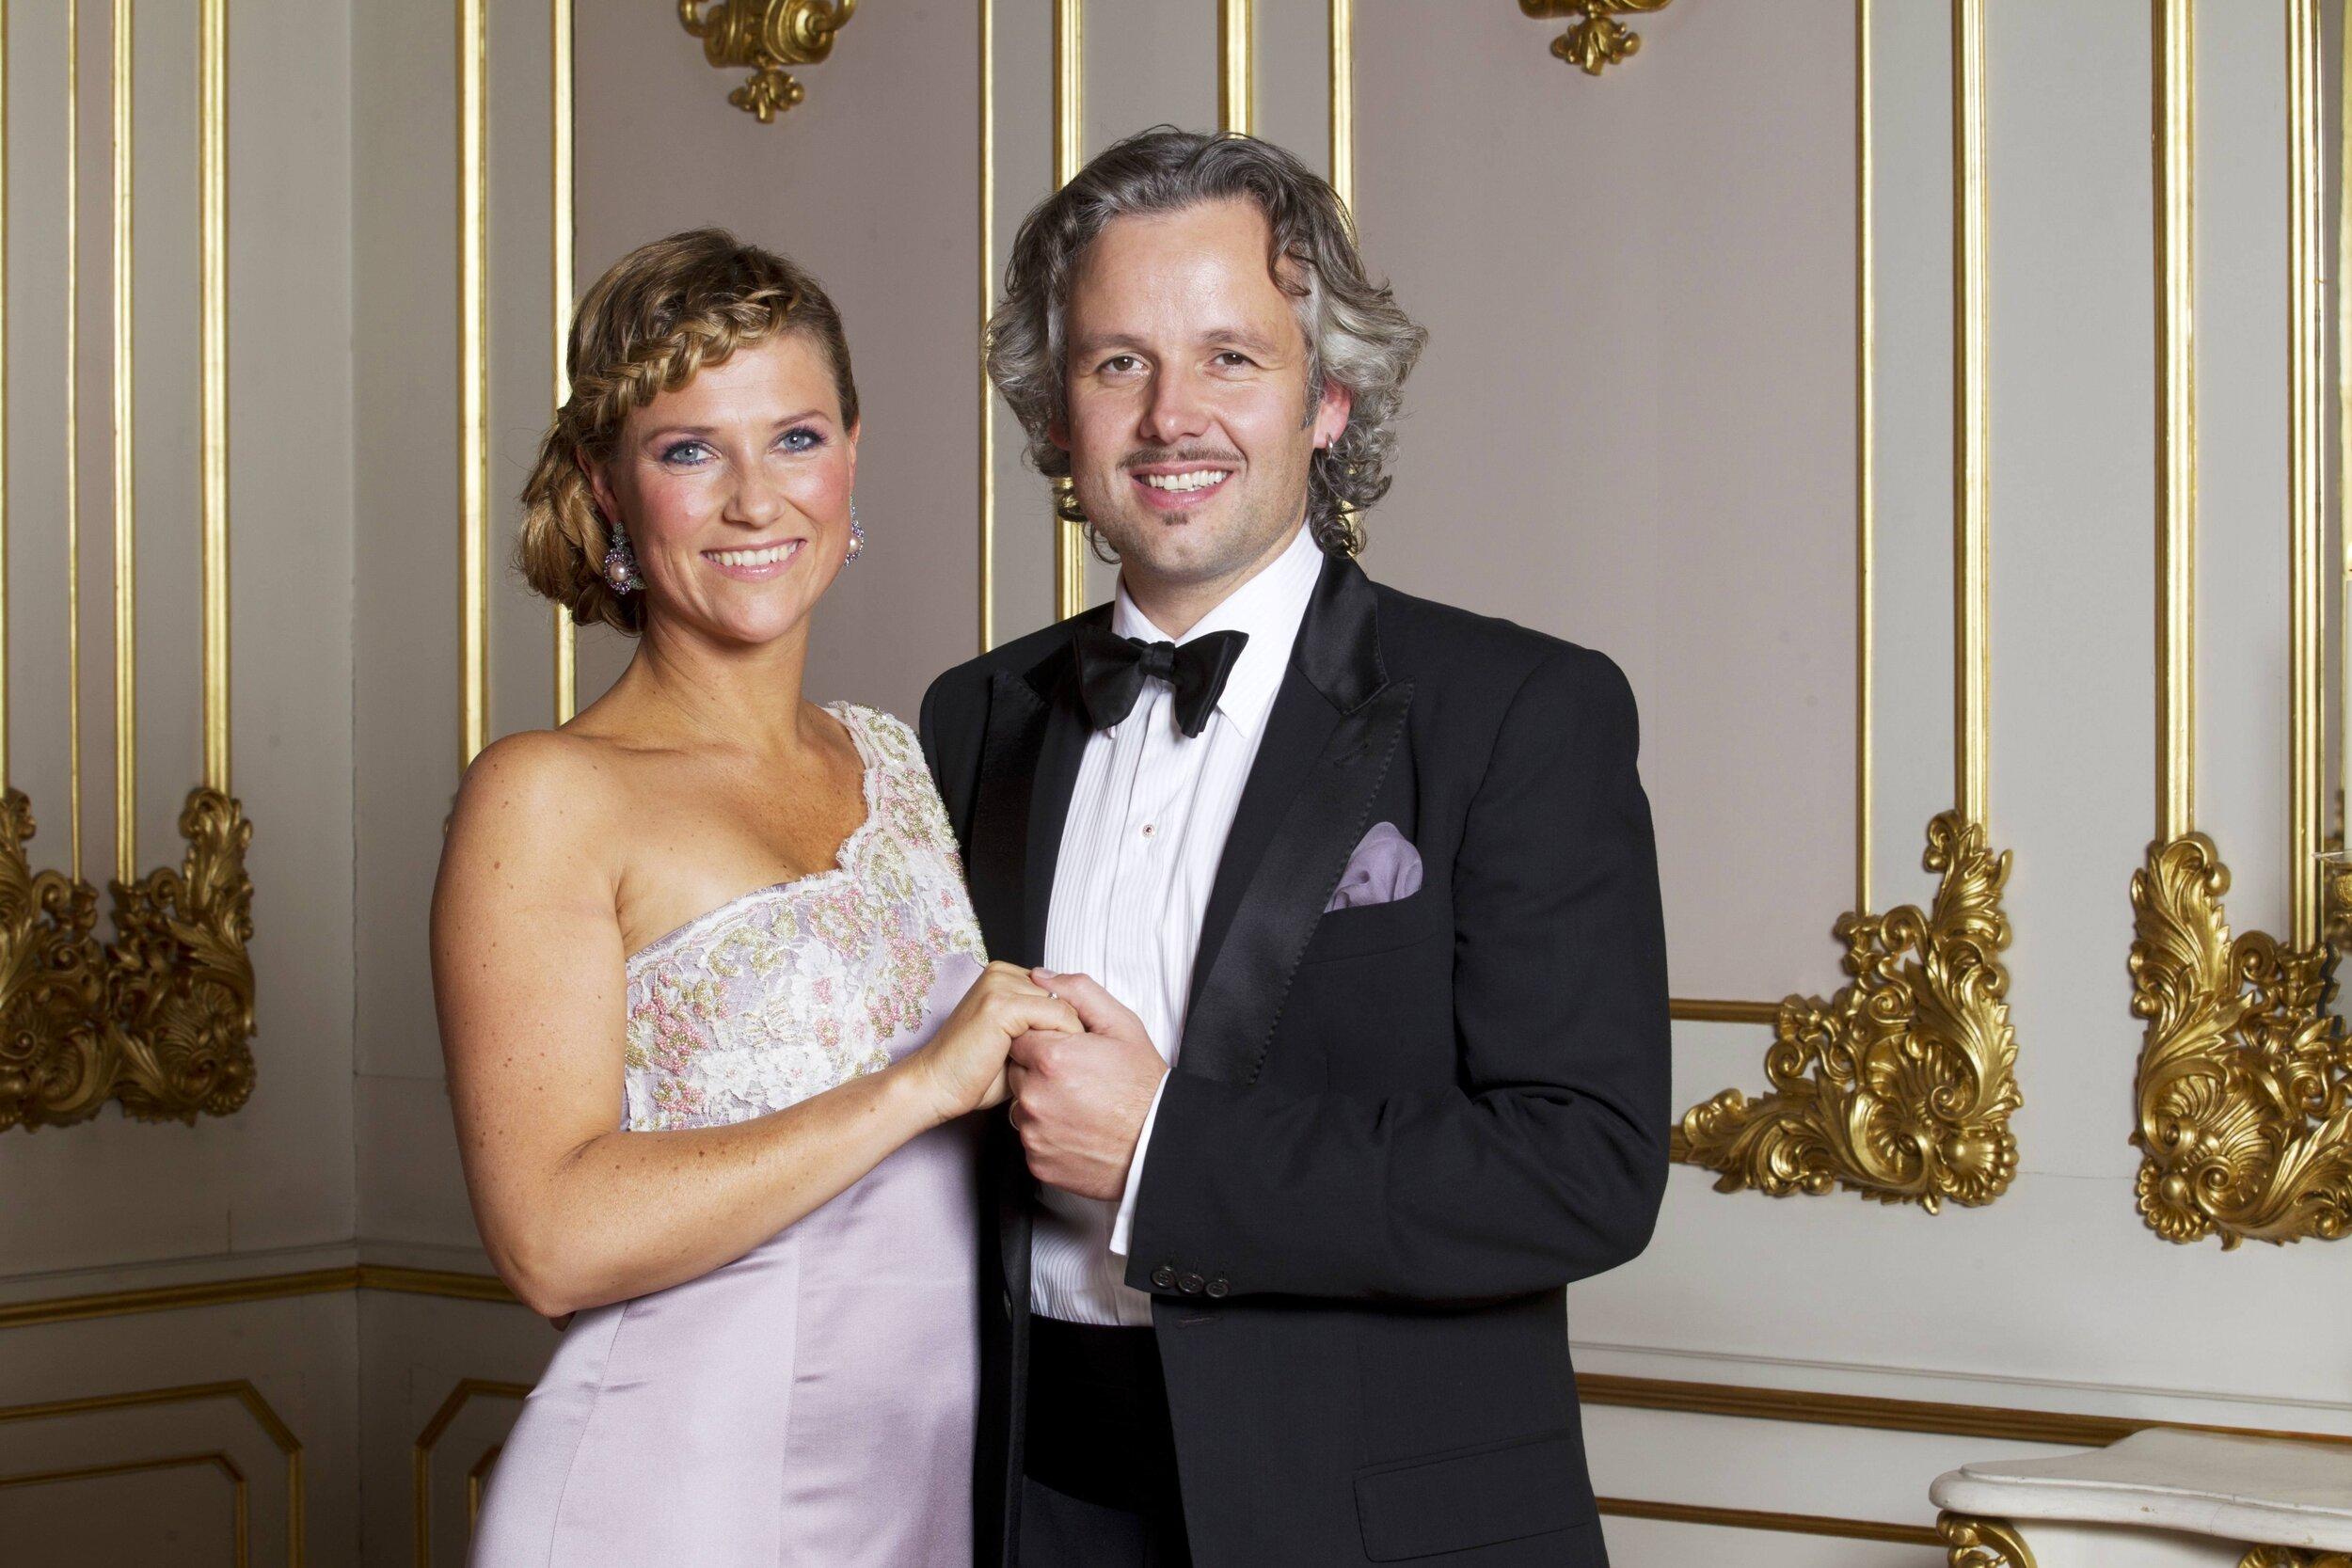 Ari Behn war 15 Jahre mit Prinzessin Märtha Louise von Norwegen verheiratet. Gemeinsam bekamen sie drei Töchter. © picture alliance/Scanpix NTB